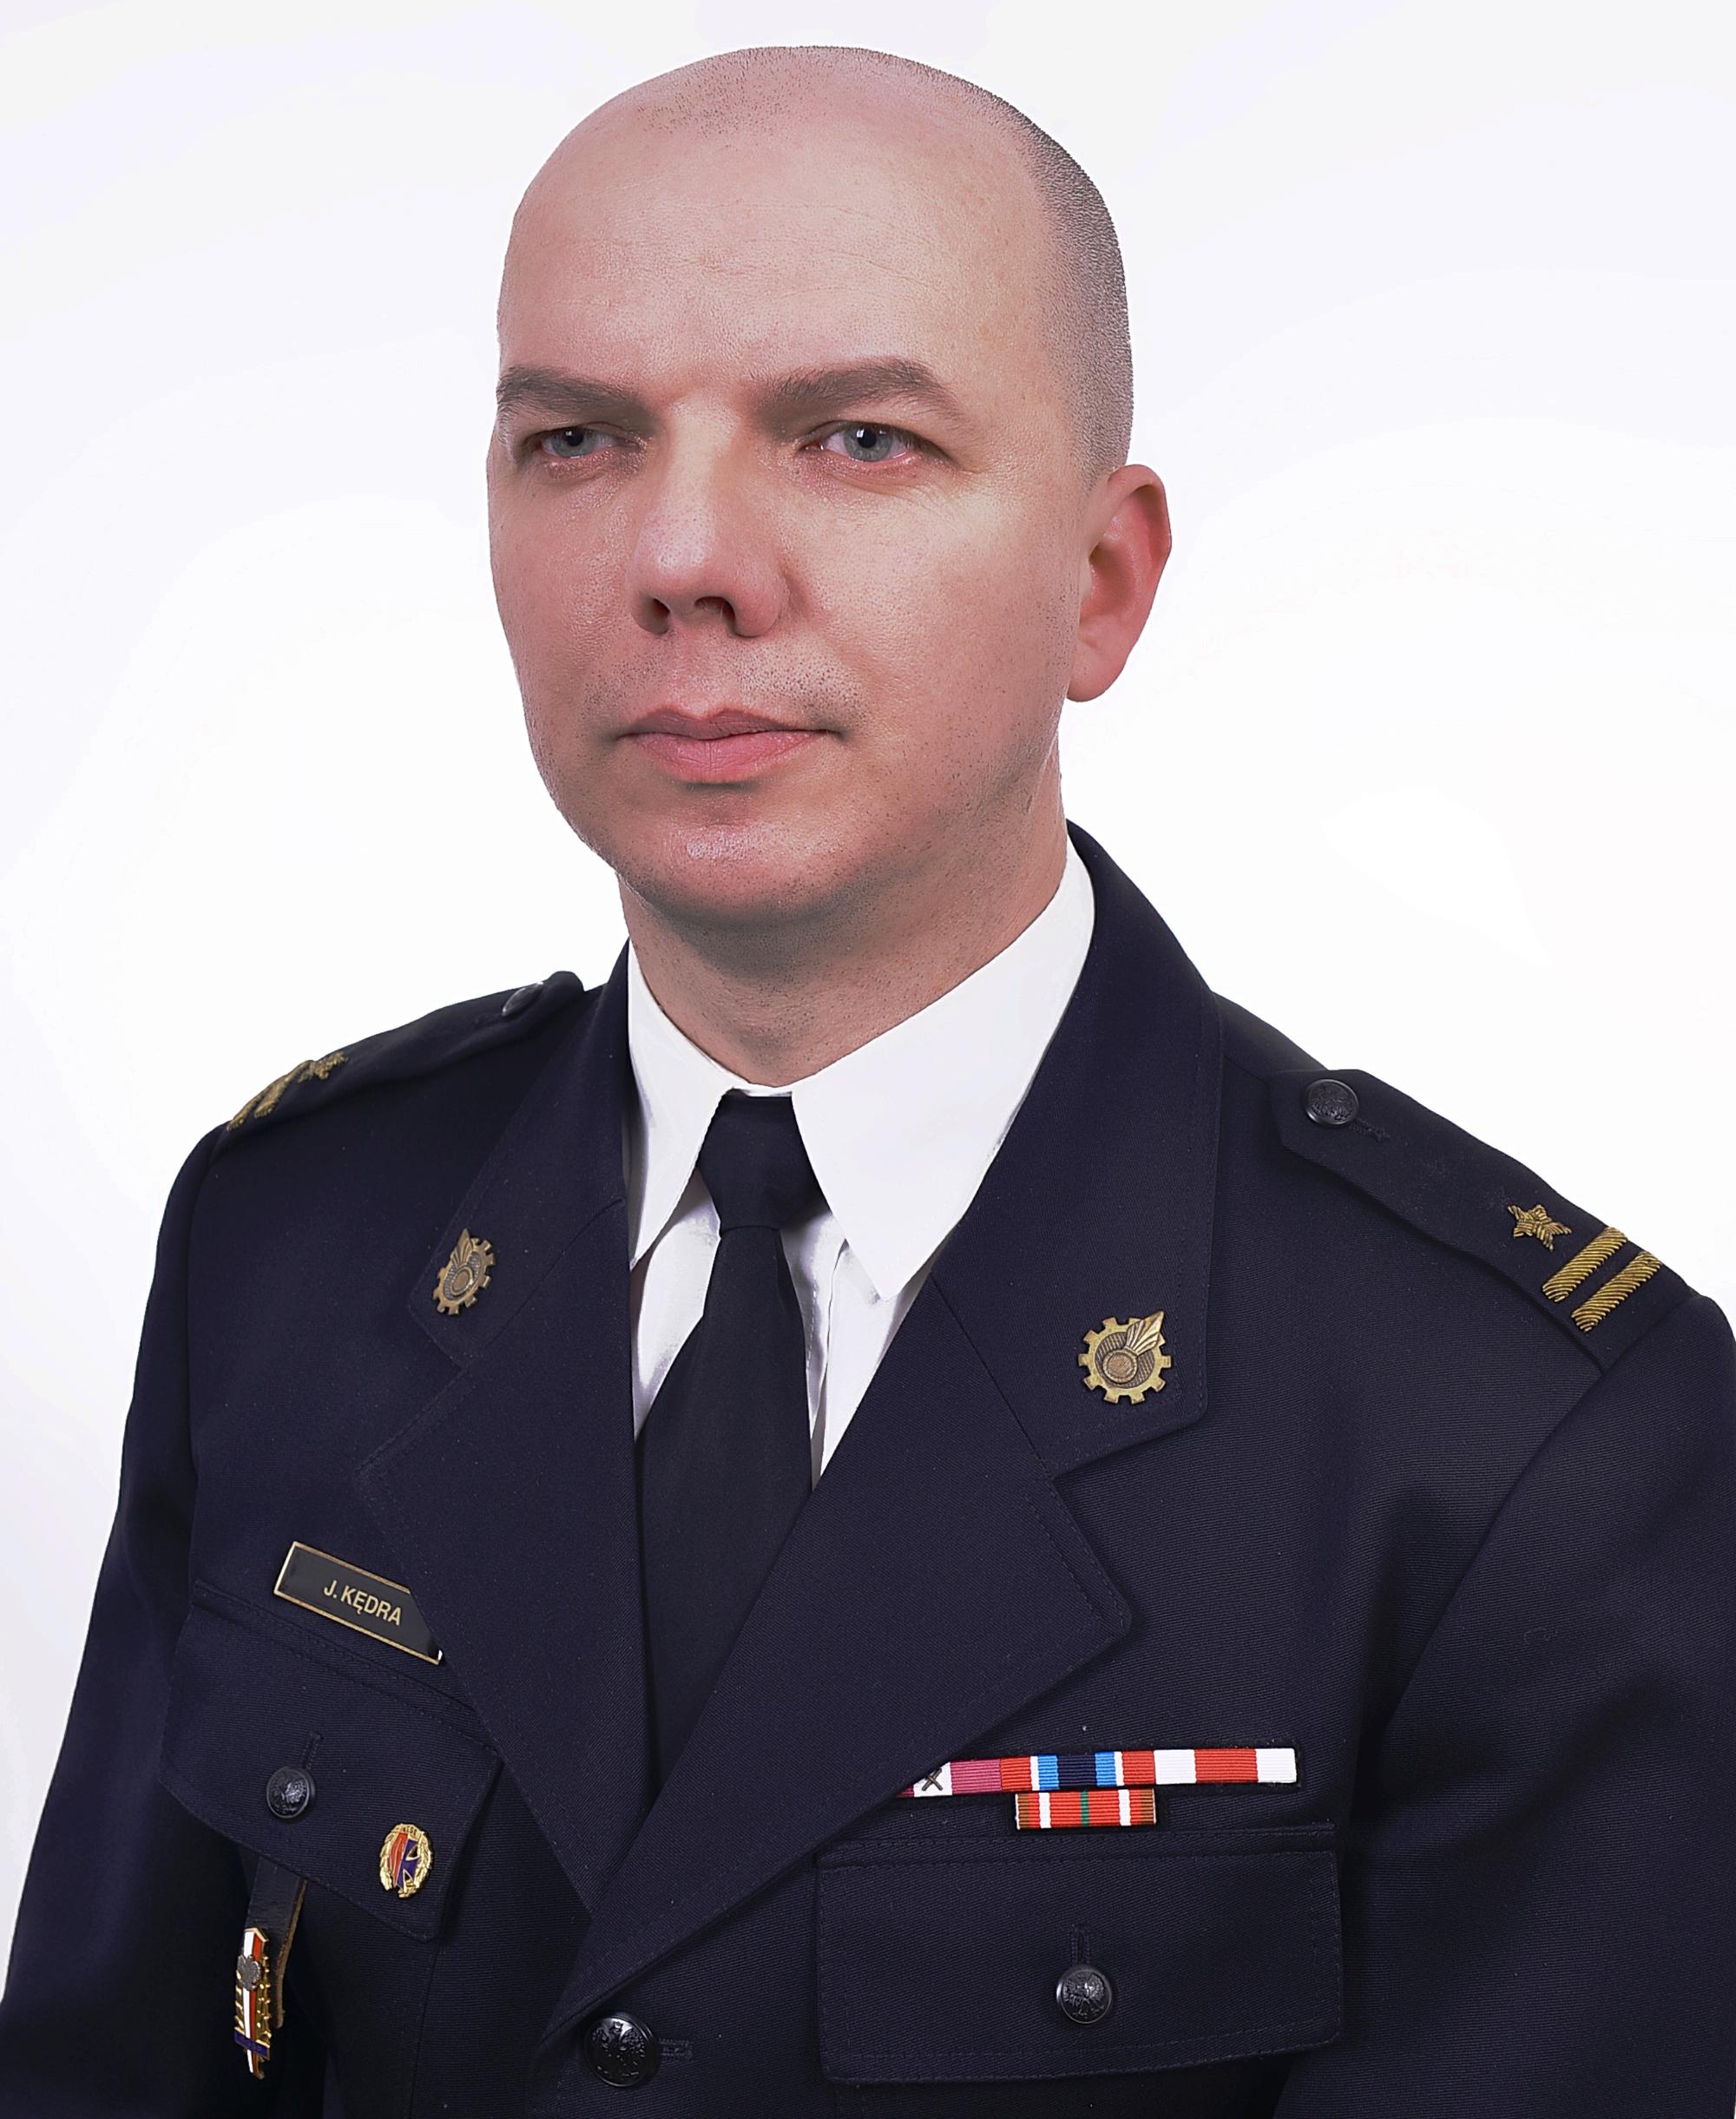 Dowódca jednostki ratowniczo-gaśniczej w Brzozowie mł. bryg. Jacek Kędra